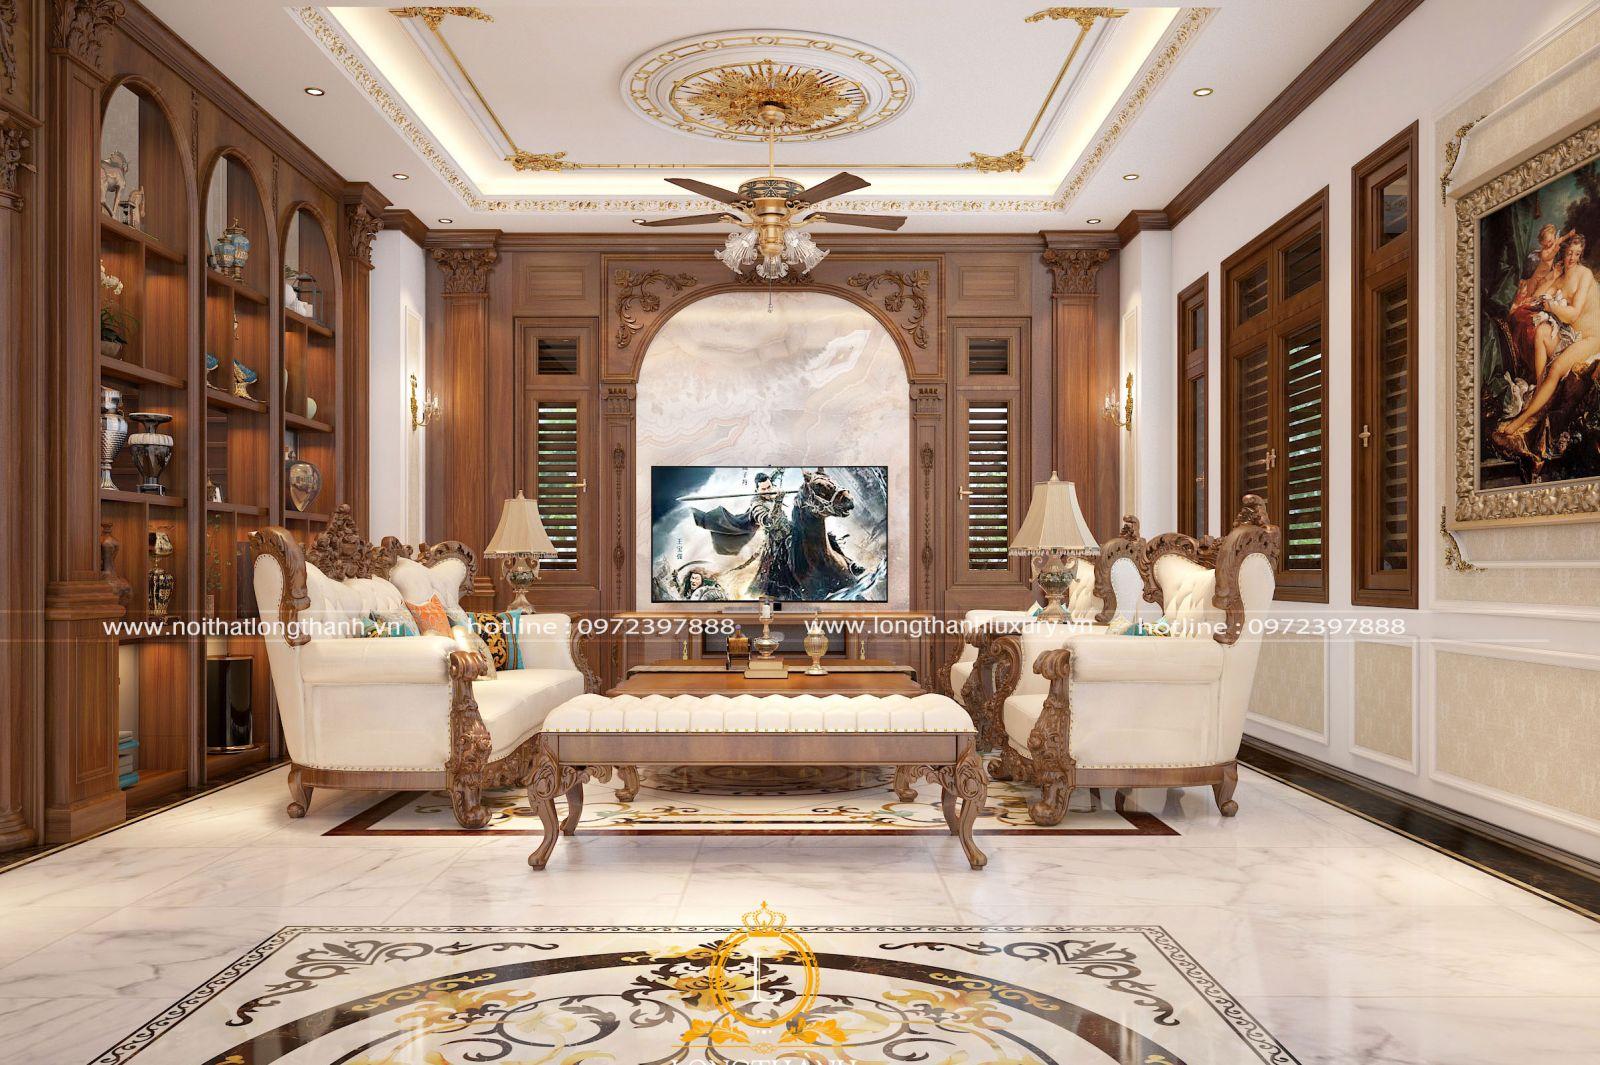 Thiết kế trần nhà tạo sự hài hòa với màu sắc của tường bao xung quanh